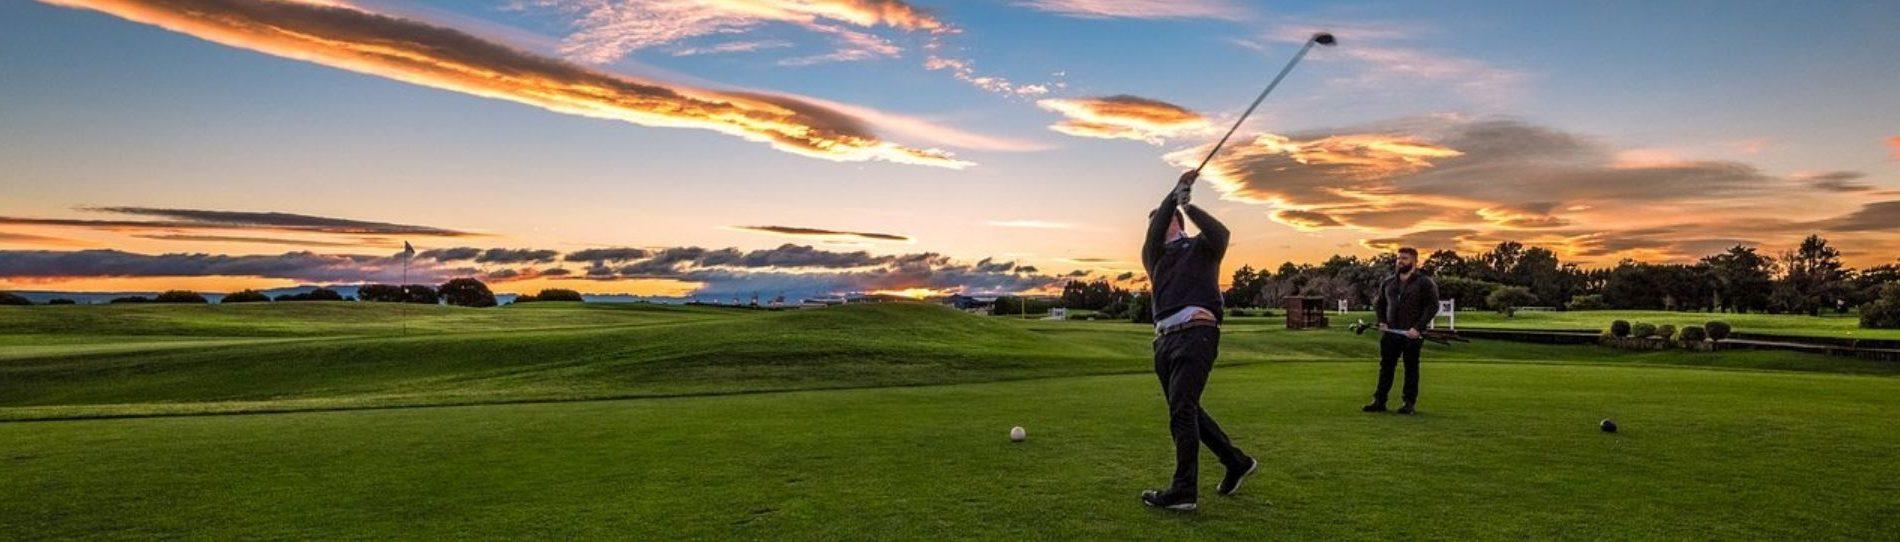 tauranga bucks golf package